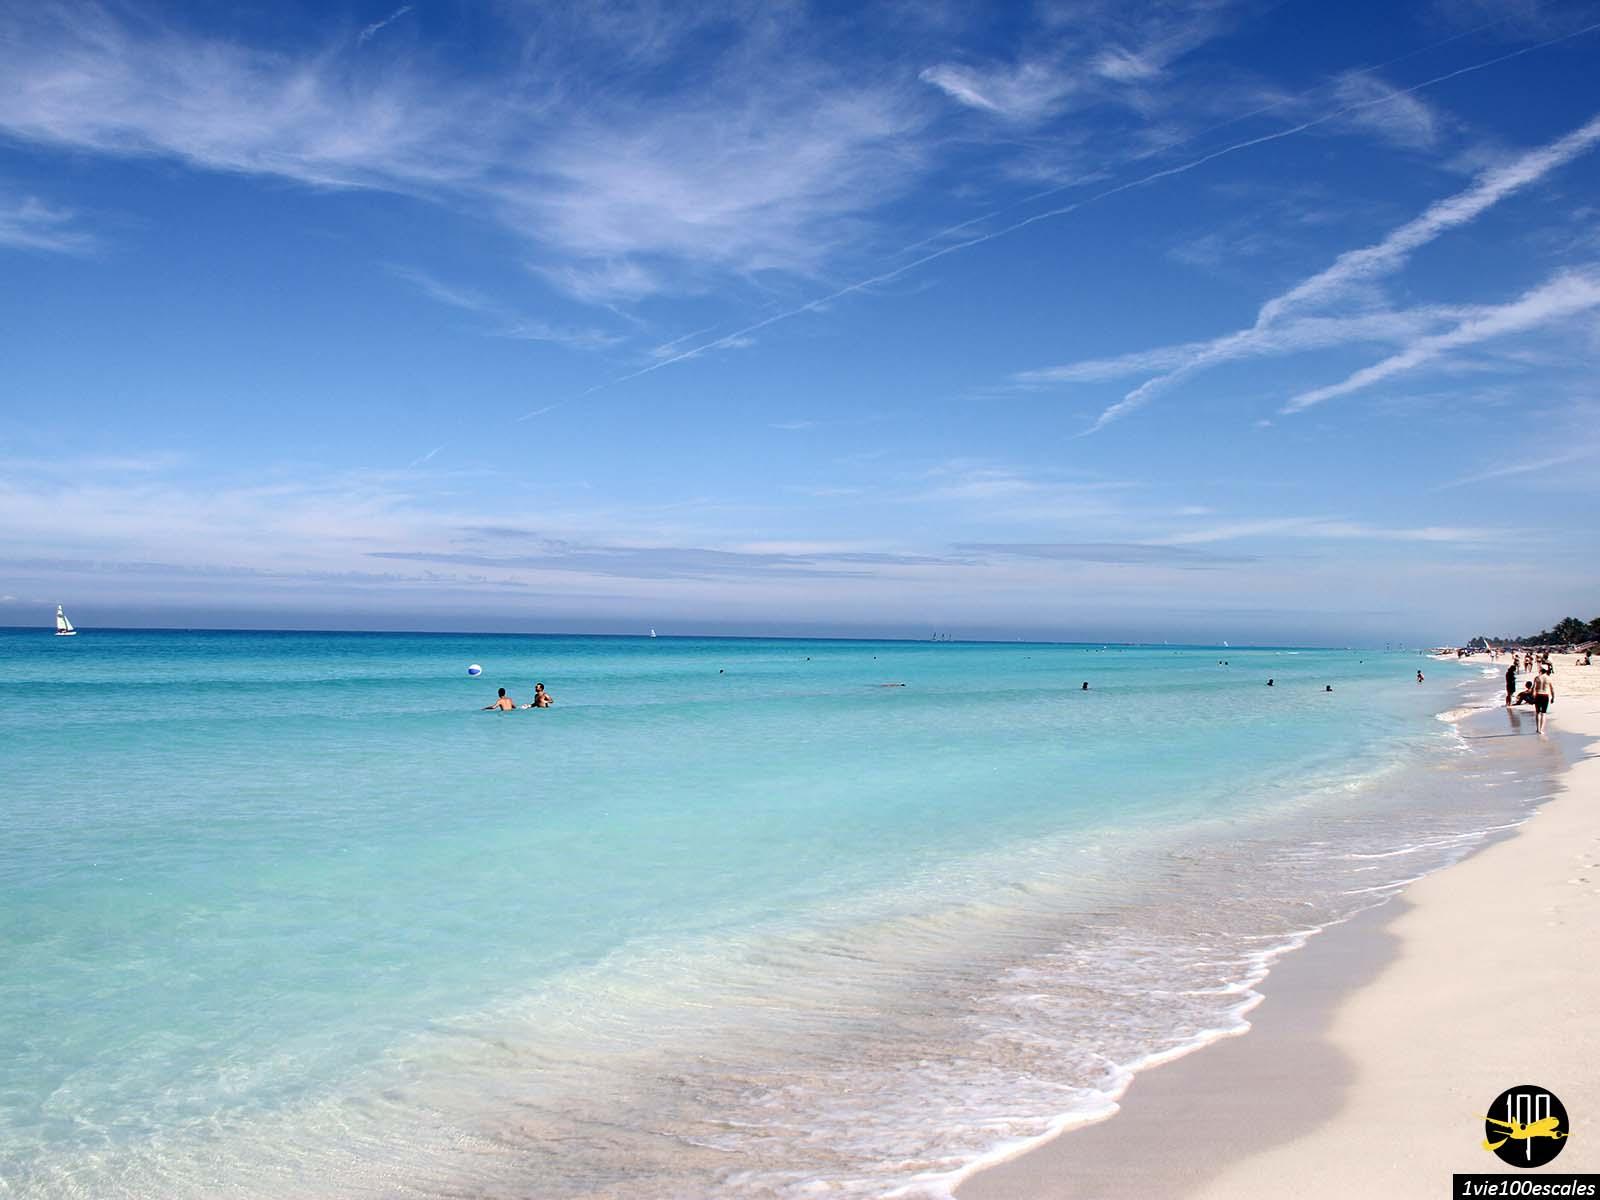 L'eau turquoise des plages de Varadero